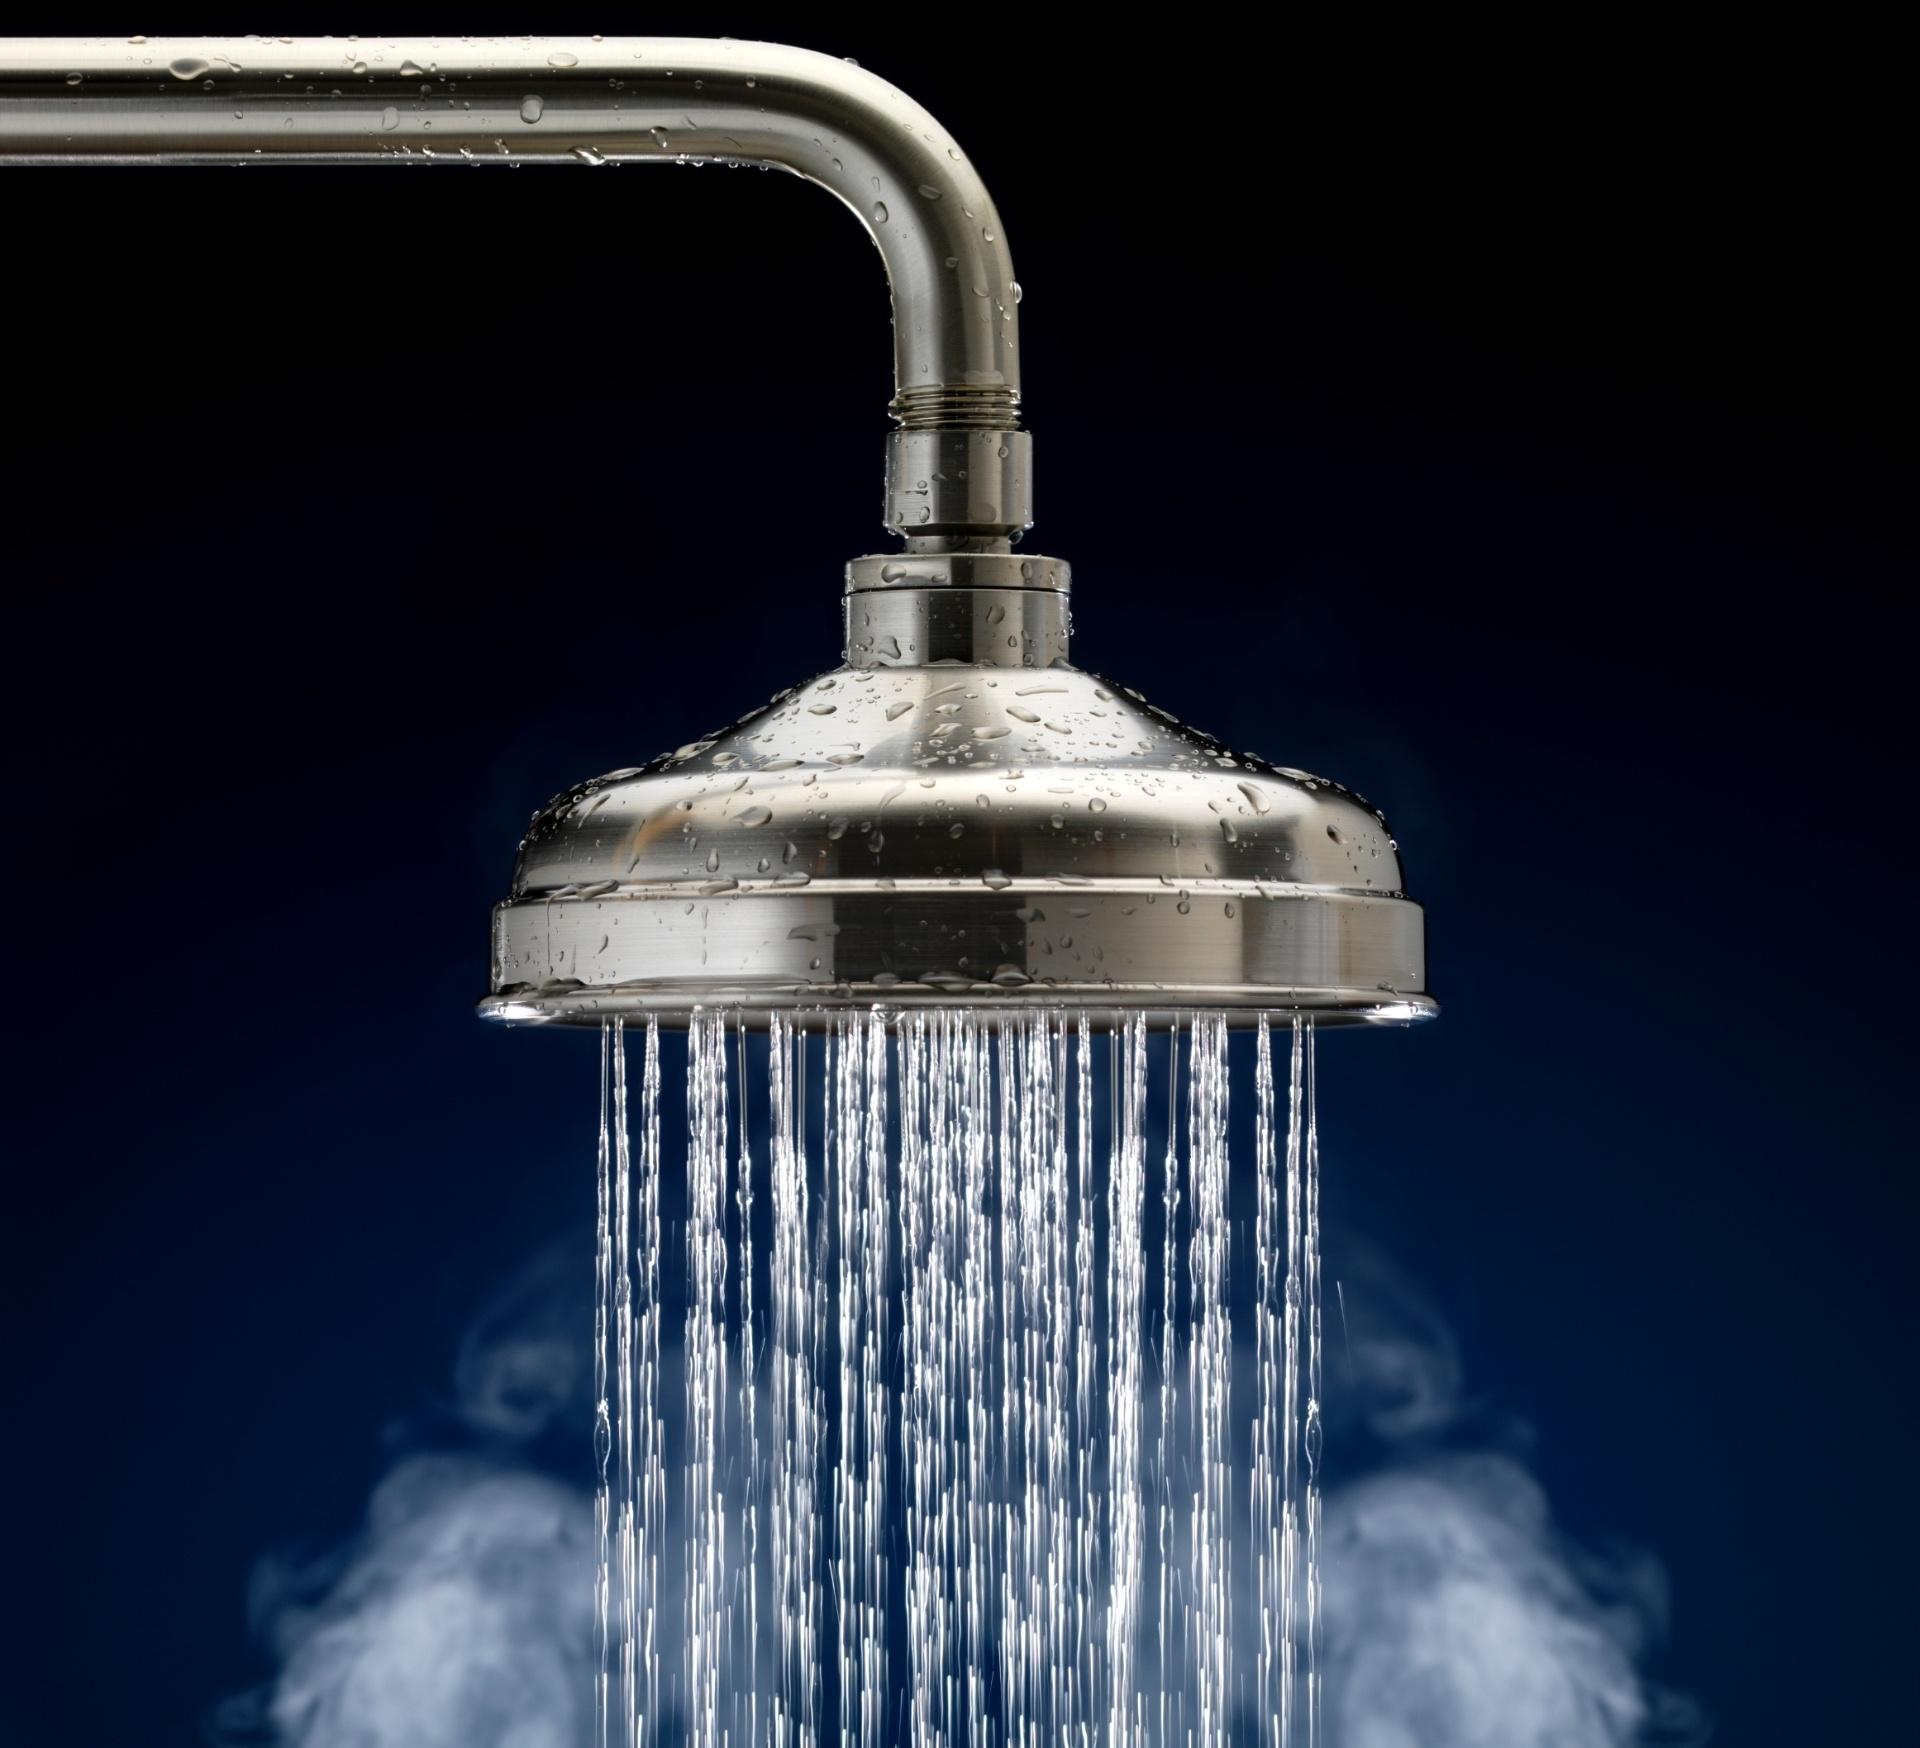 6.mai.2016 - Água quente/ Chuveiro